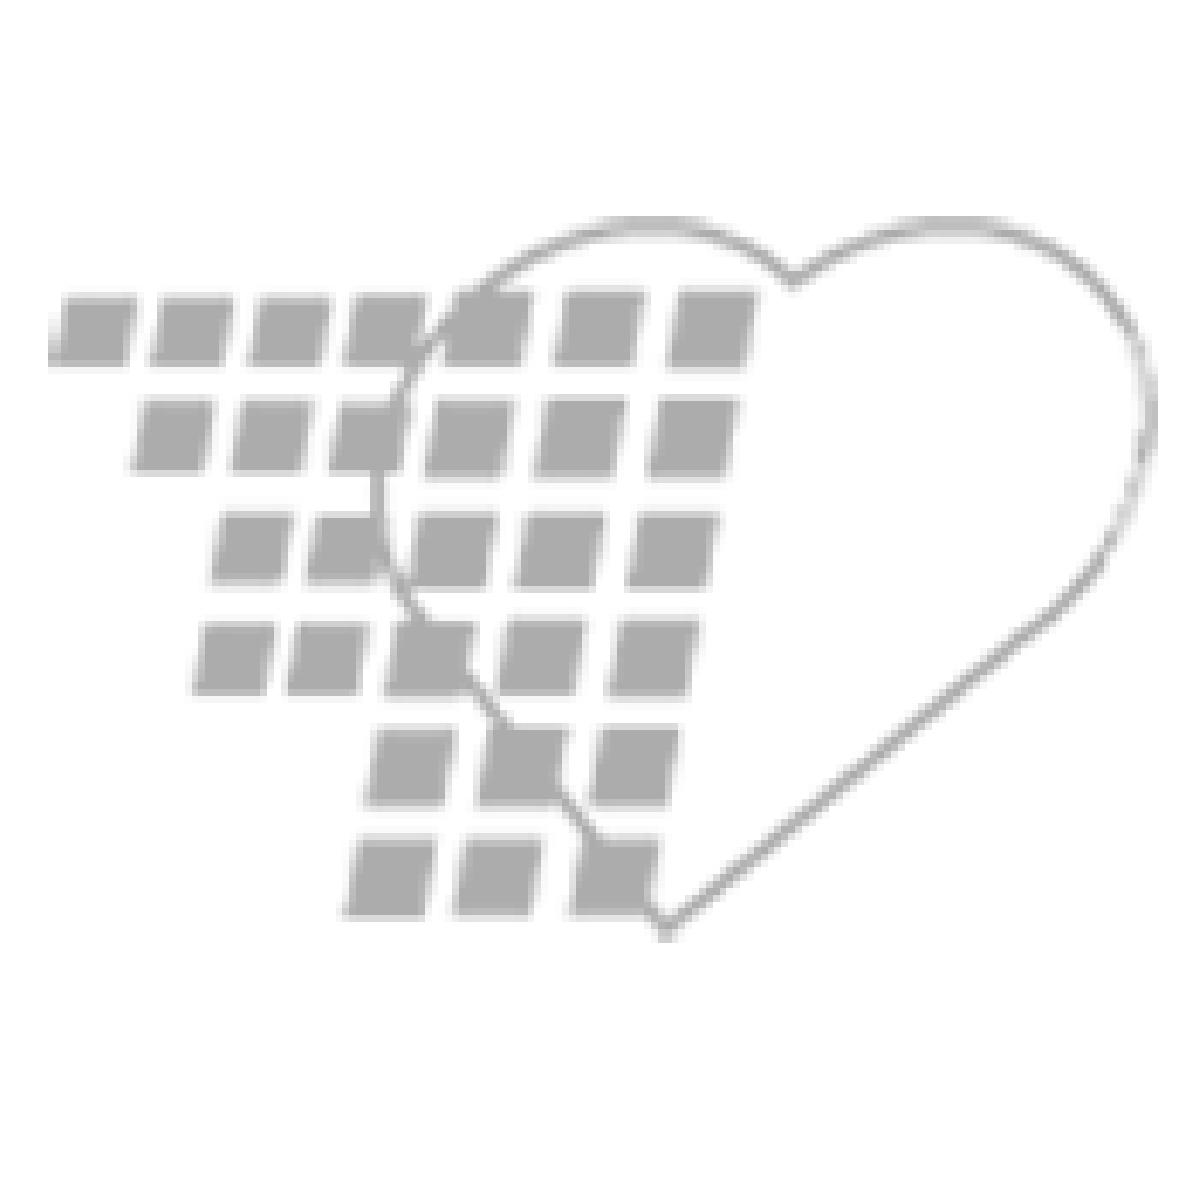 06-93-9017 - Demo Dose® Decadrn (Dexamethason) Mini Vial 4mg/mL